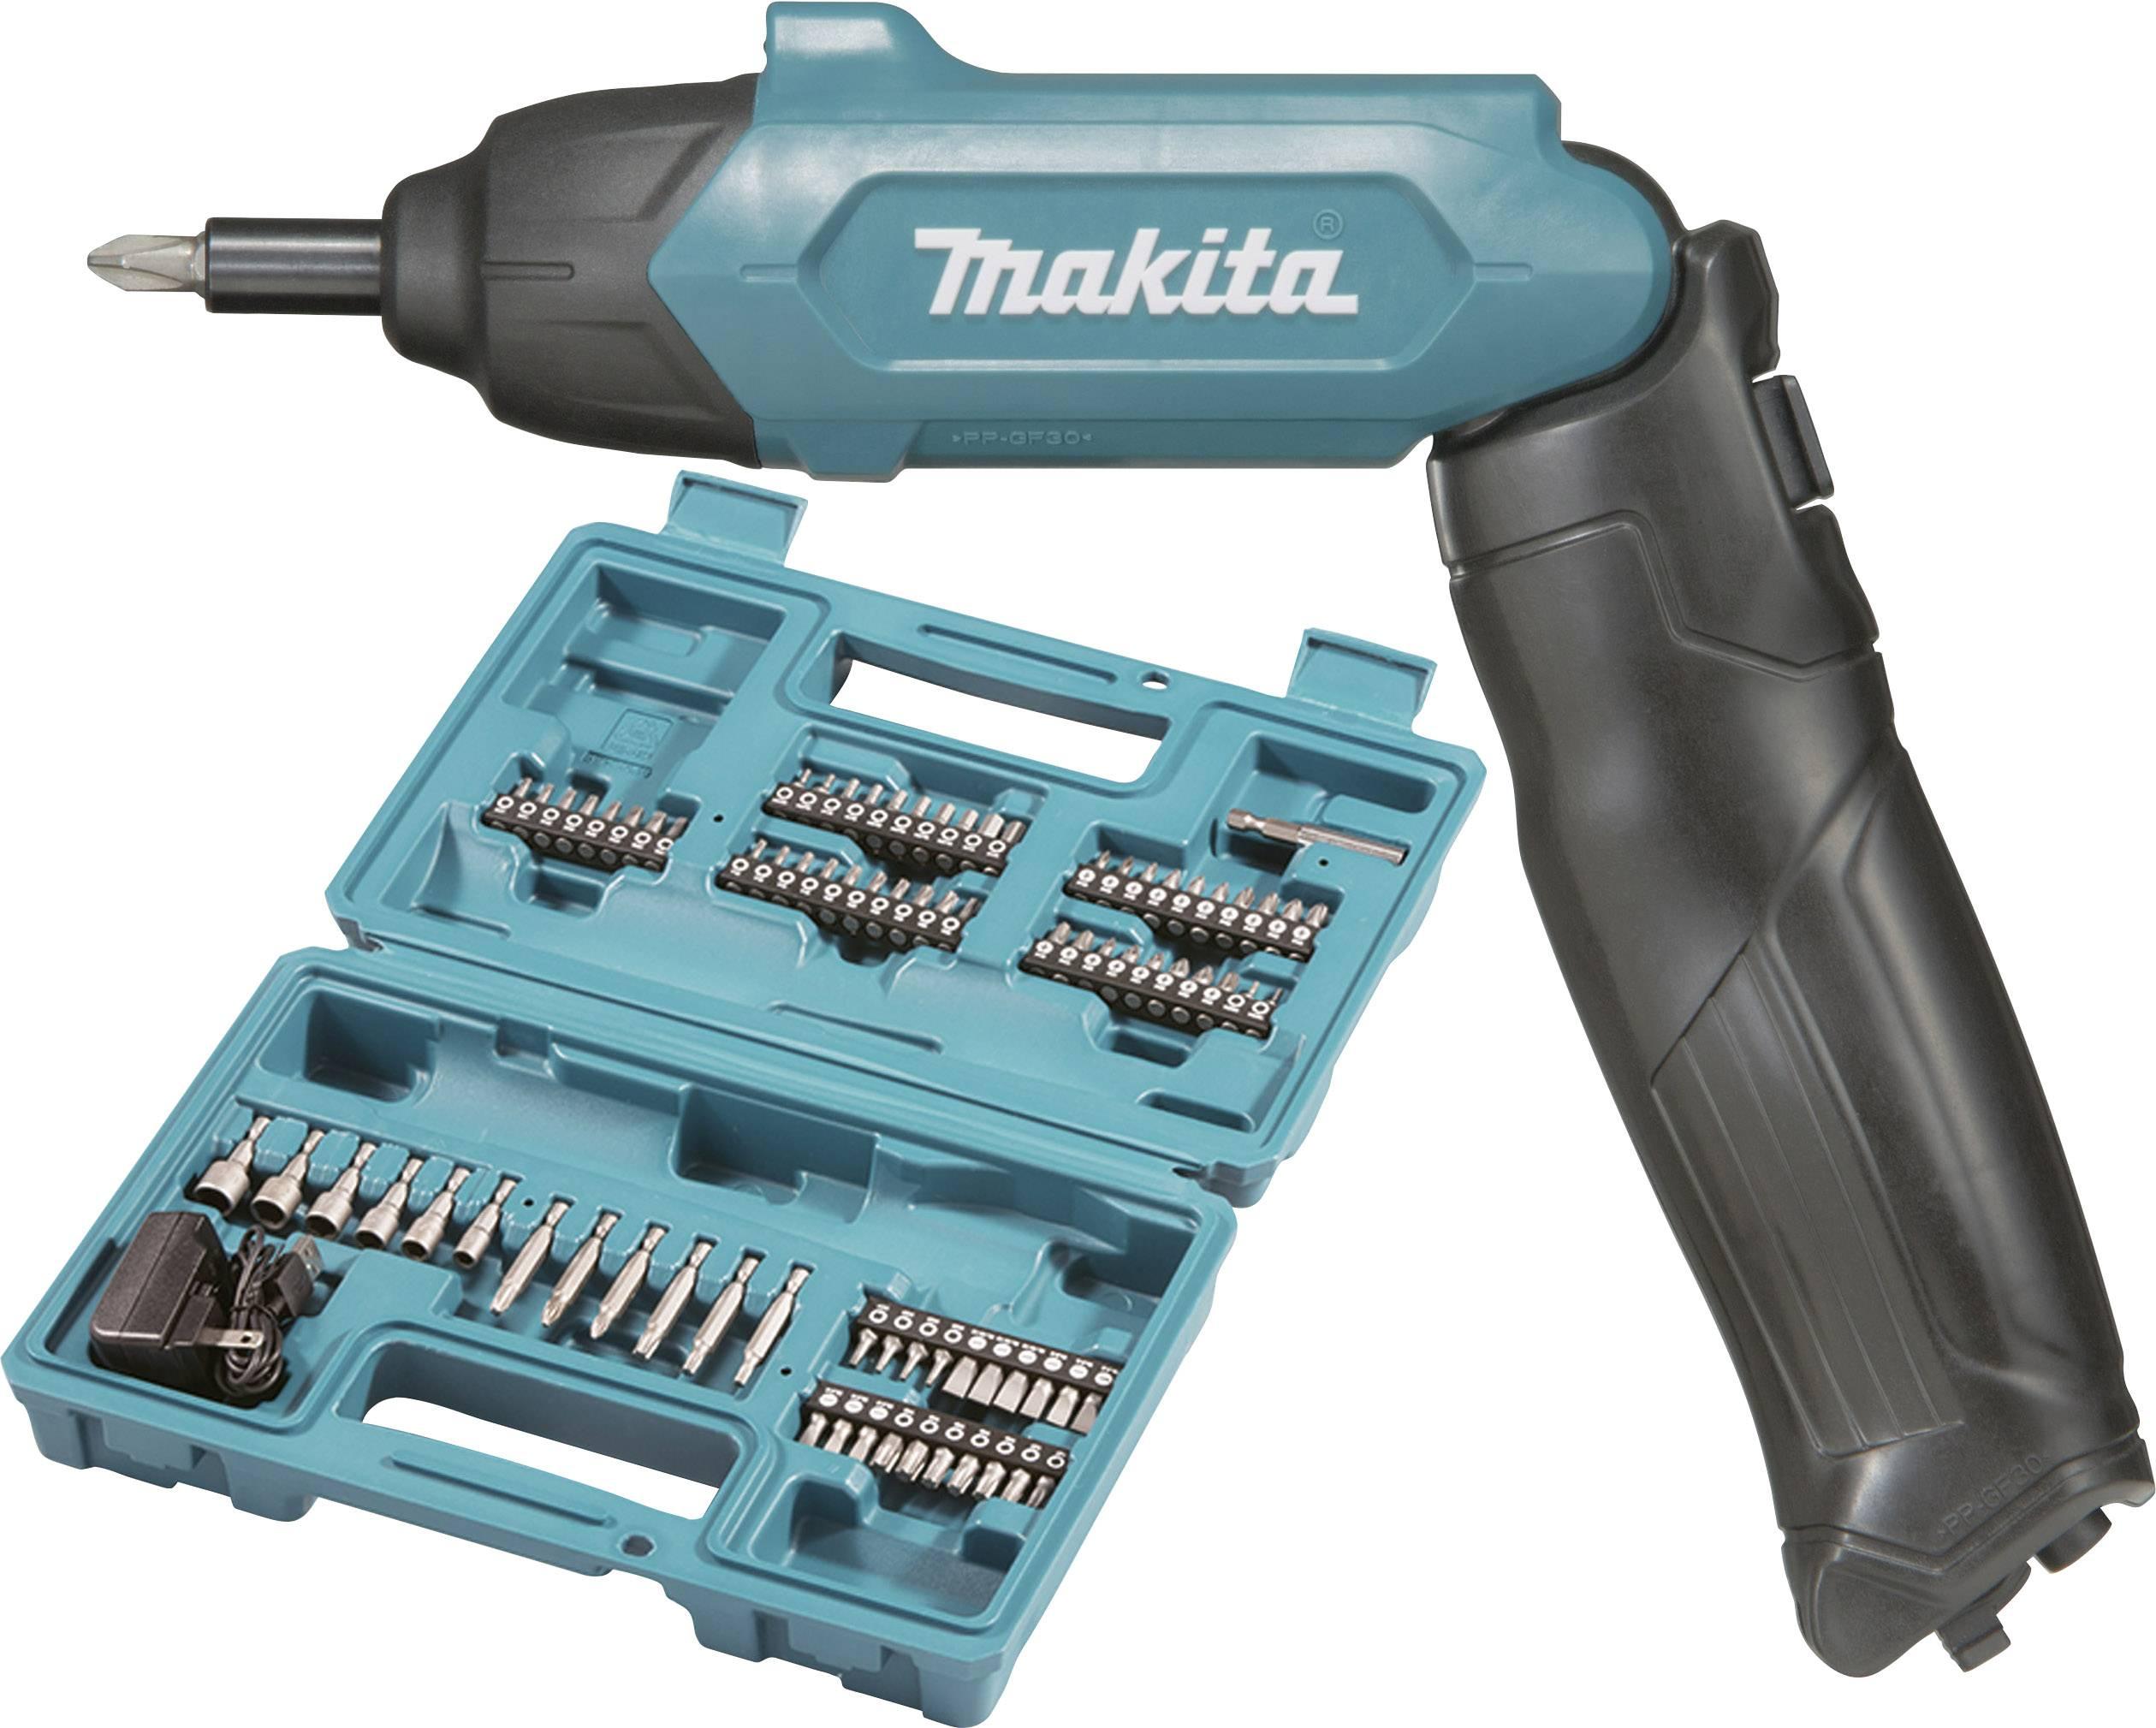 Aku tyčový skrutkovač Makita DF001DW DF001DW, 3.6 V, 1.5 Ah, Li-Ion akumulátor